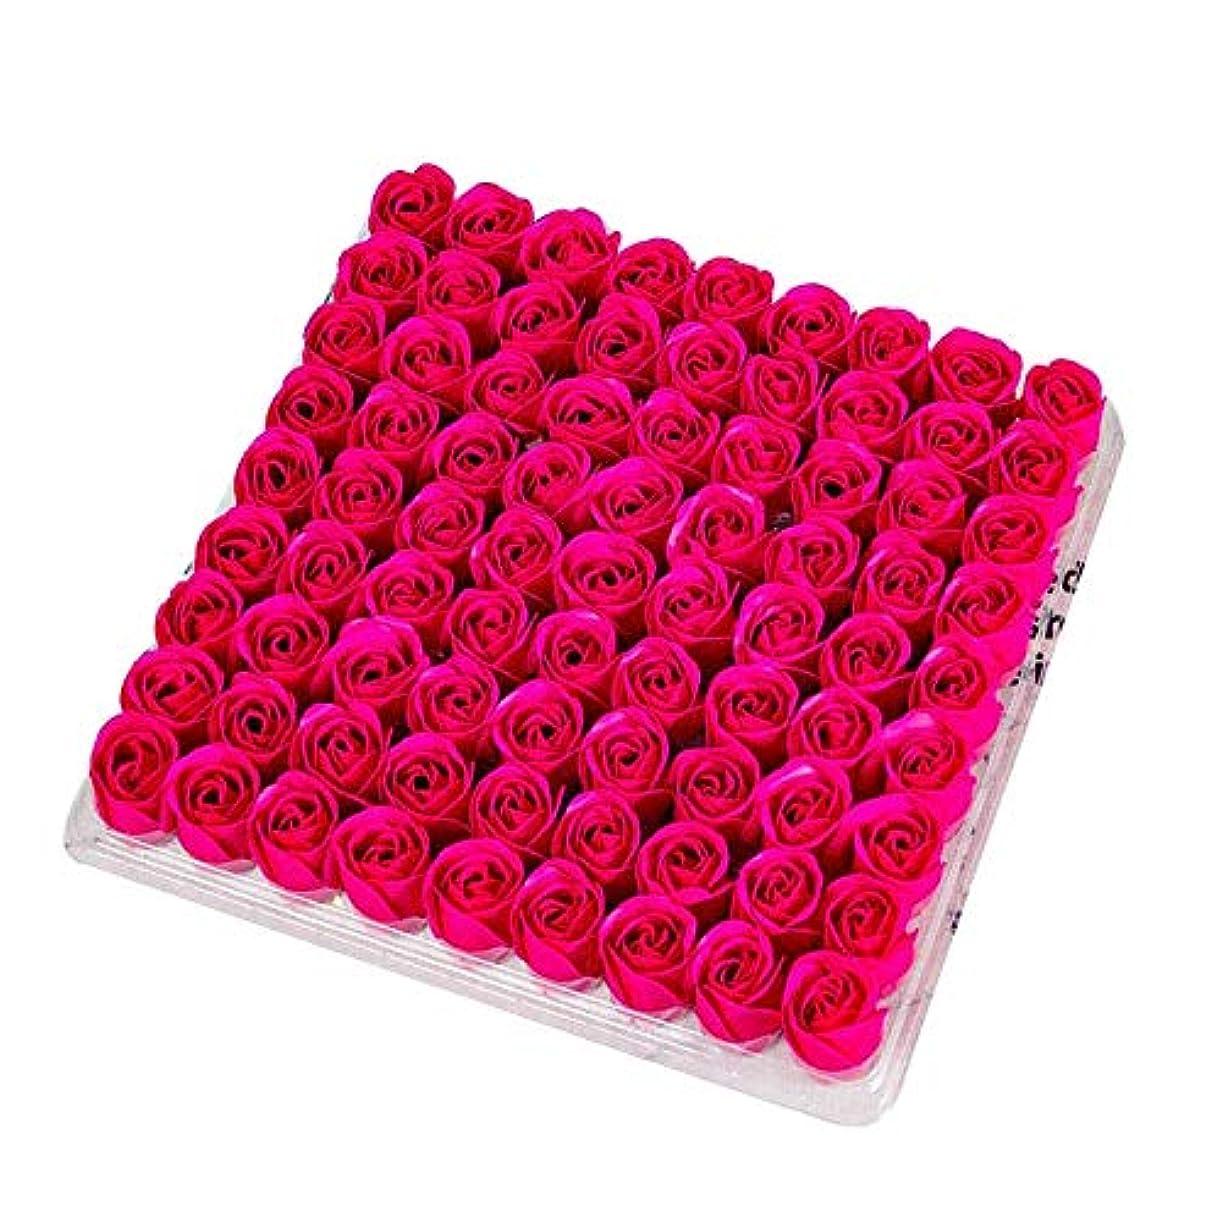 の配列大腿辛なCUHAWUDBA 81個の薔薇、バス ボディ フラワー?フローラルの石けん 香りのよいローズフラワー エッセンシャルオイル フローラルのお客様への石鹸 ウェディング、パーティー、バレンタインデーの贈り物、薔薇、ローズレッド